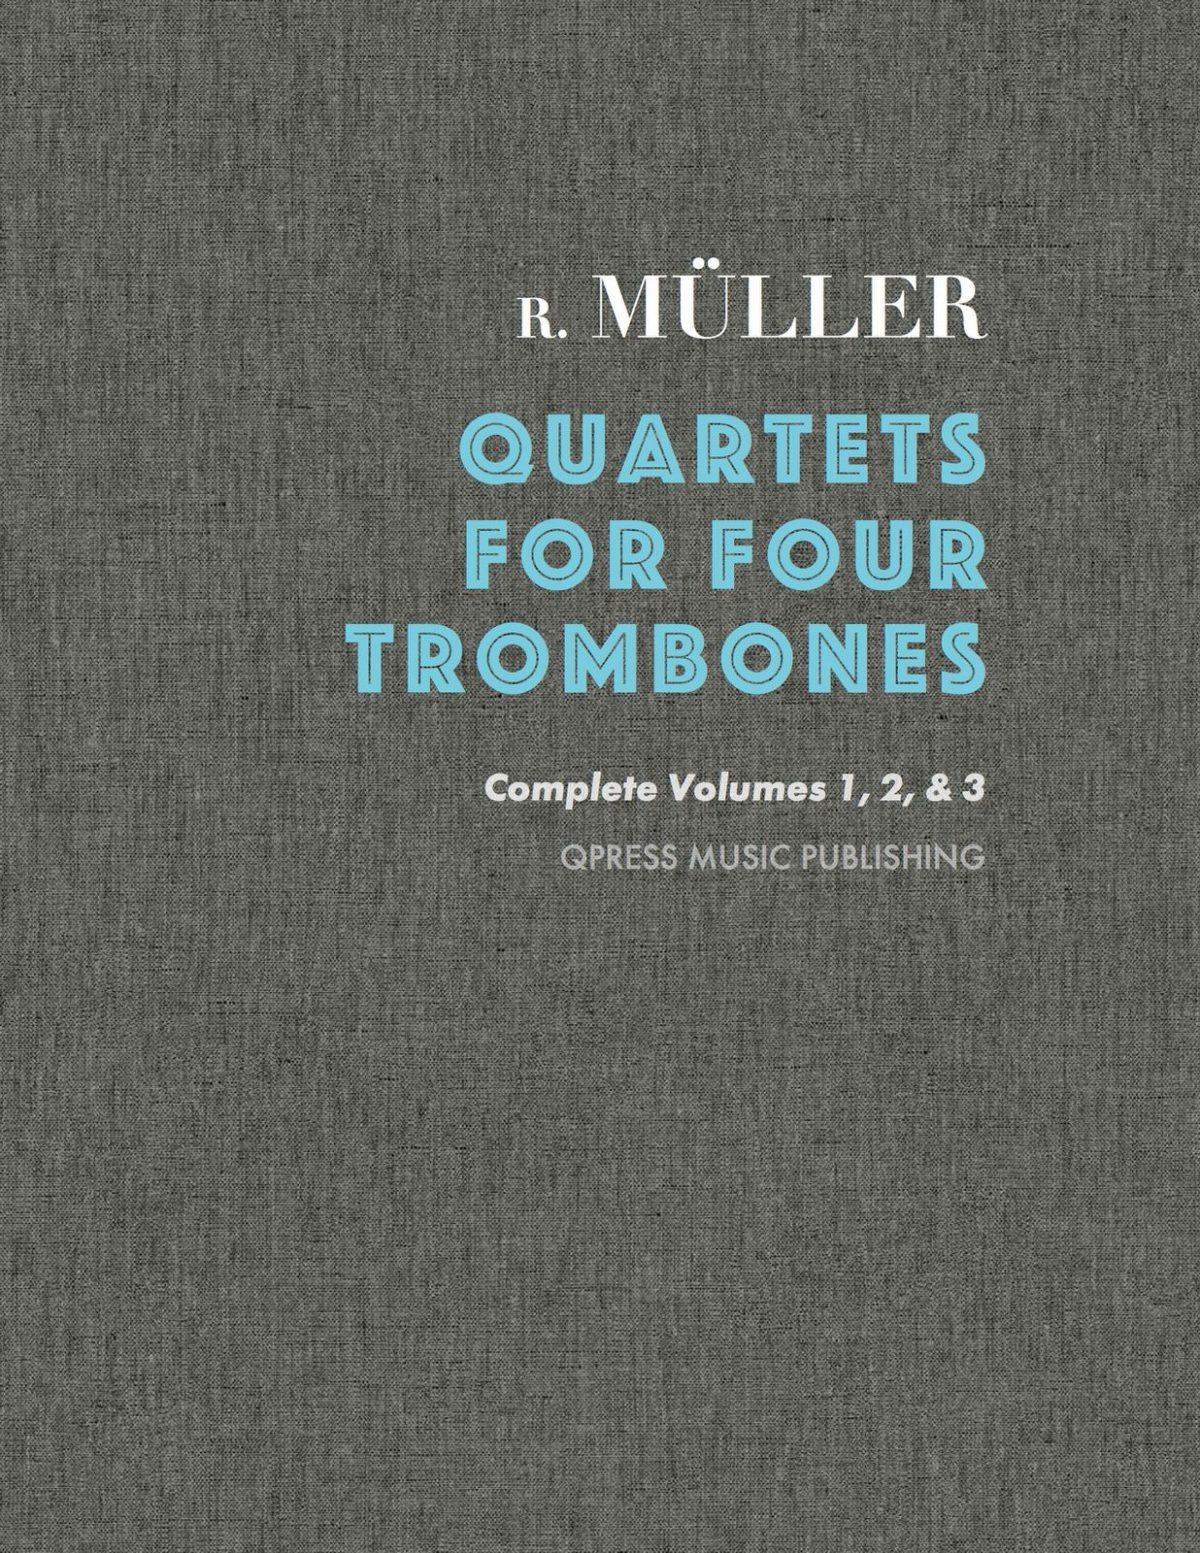 Muller, Quartets for Trombone Cover-p1